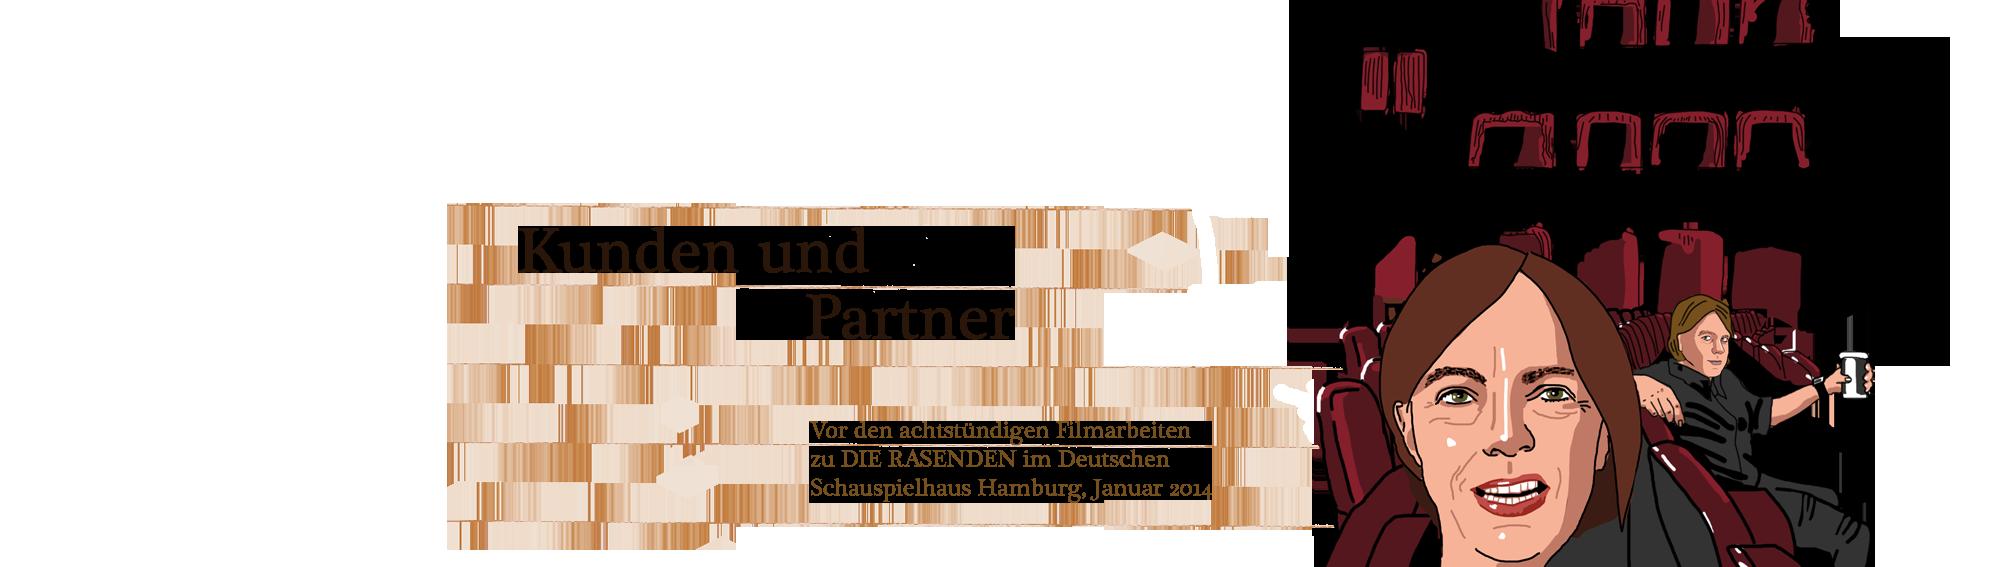 Schnittmenge, Startseite, Film, Design, Full-Service-Agentur, Grafik, Grafik-Design, Filmproduktion, Teaser, Trailer, Werbeclip, Werbefilm, Imagefilm, Dokumentarfilm, Creative Spirit